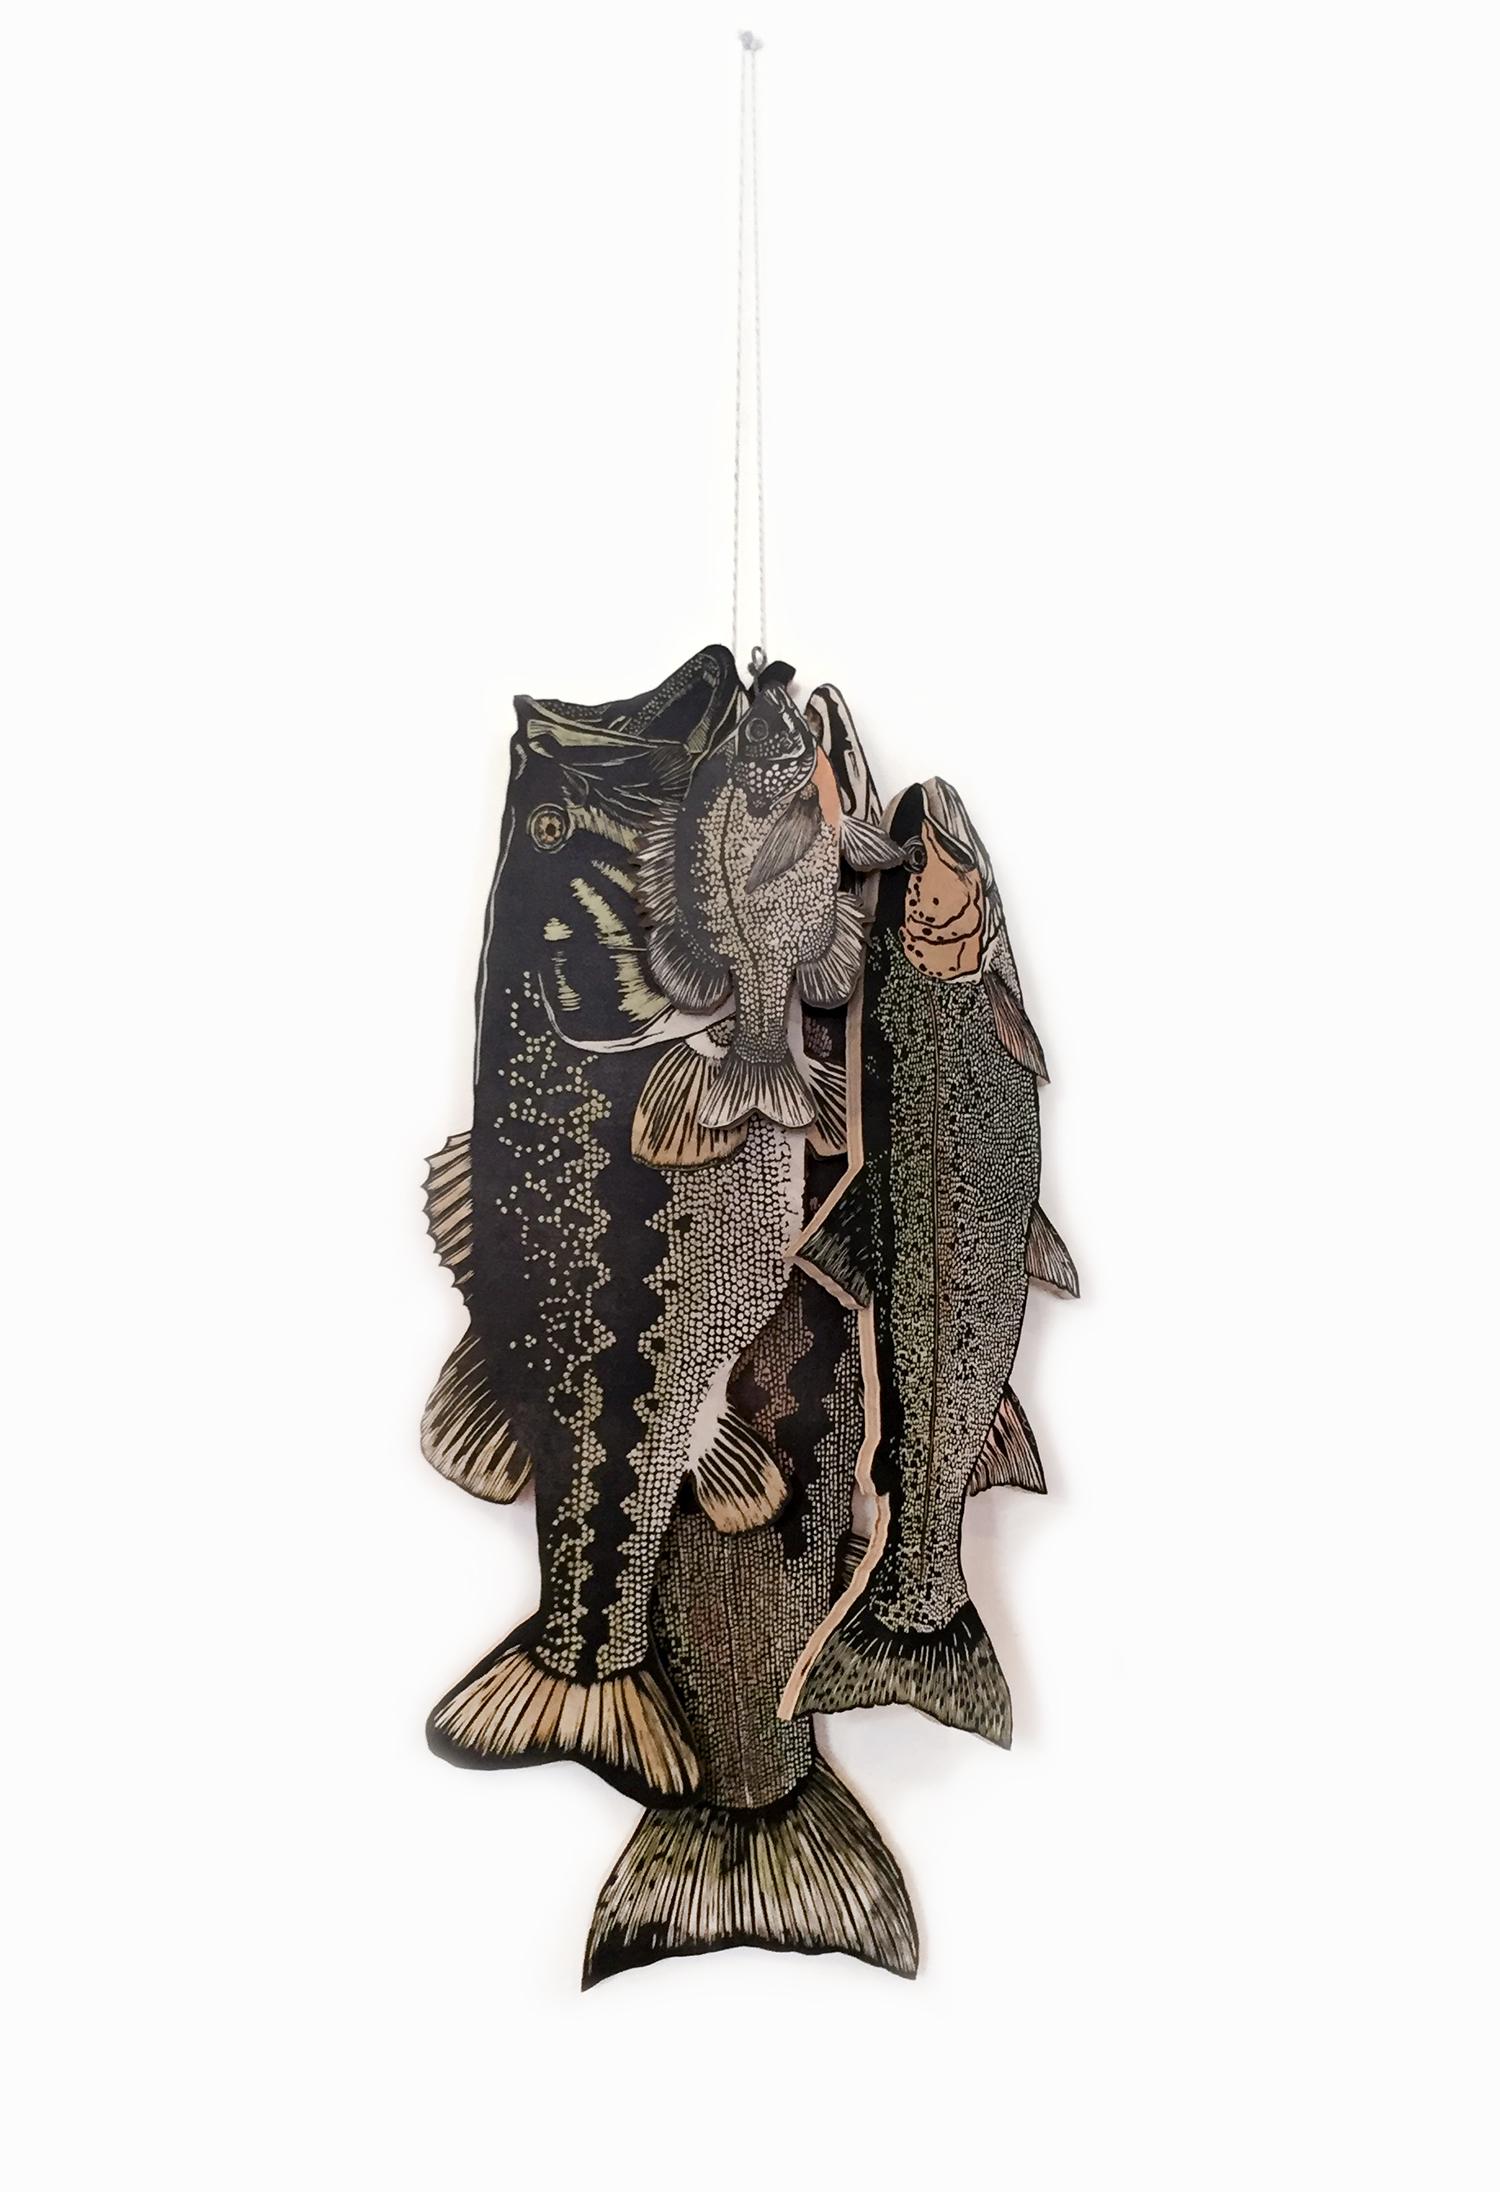 Miller_NicAnnette_Fishtallation_SheTakesSheShares_01_web